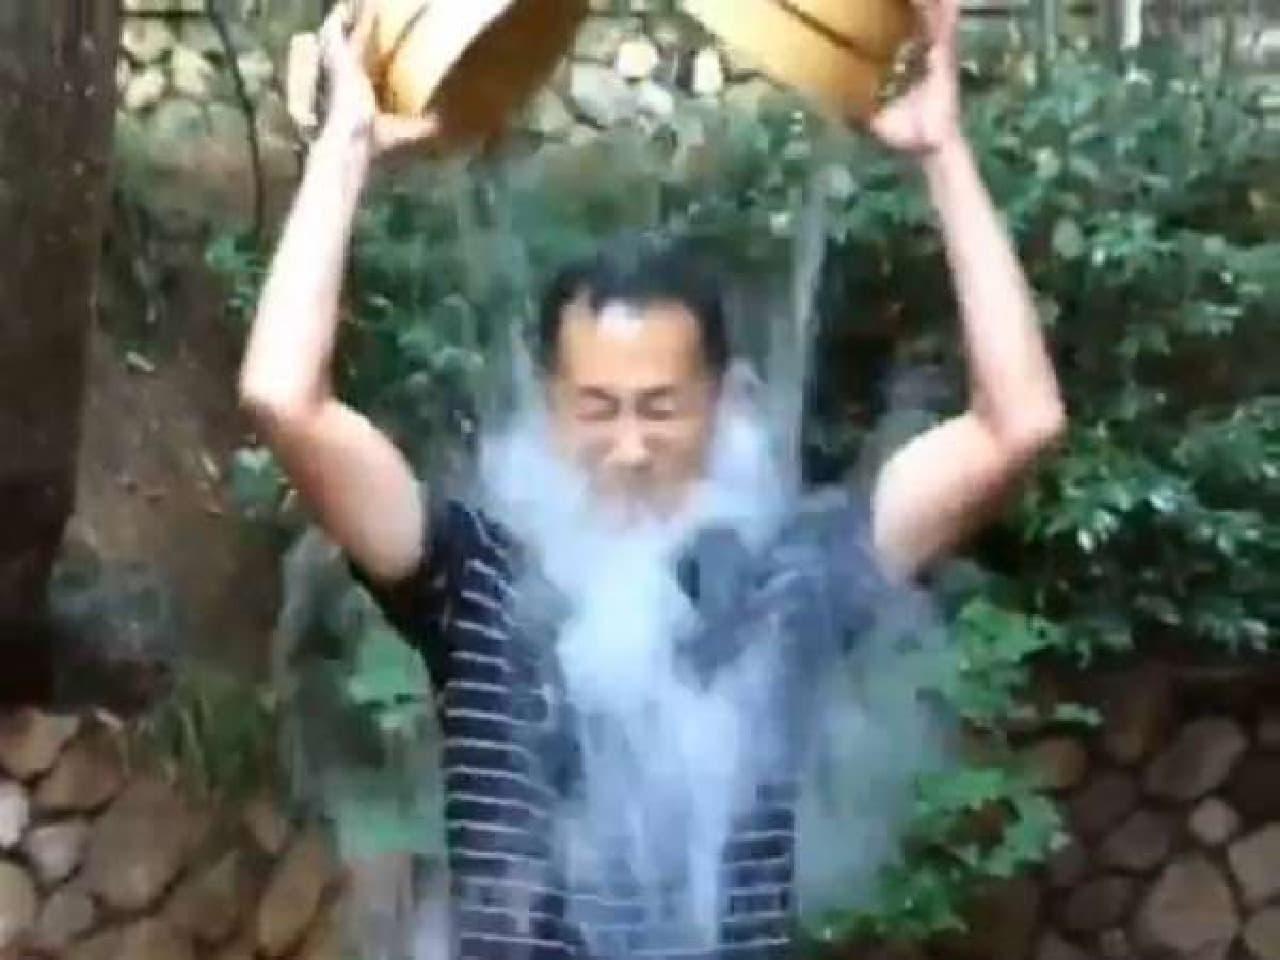 2014年のIce Bucket Challenge。山中教授は難病治療に取り組む研究者を激励